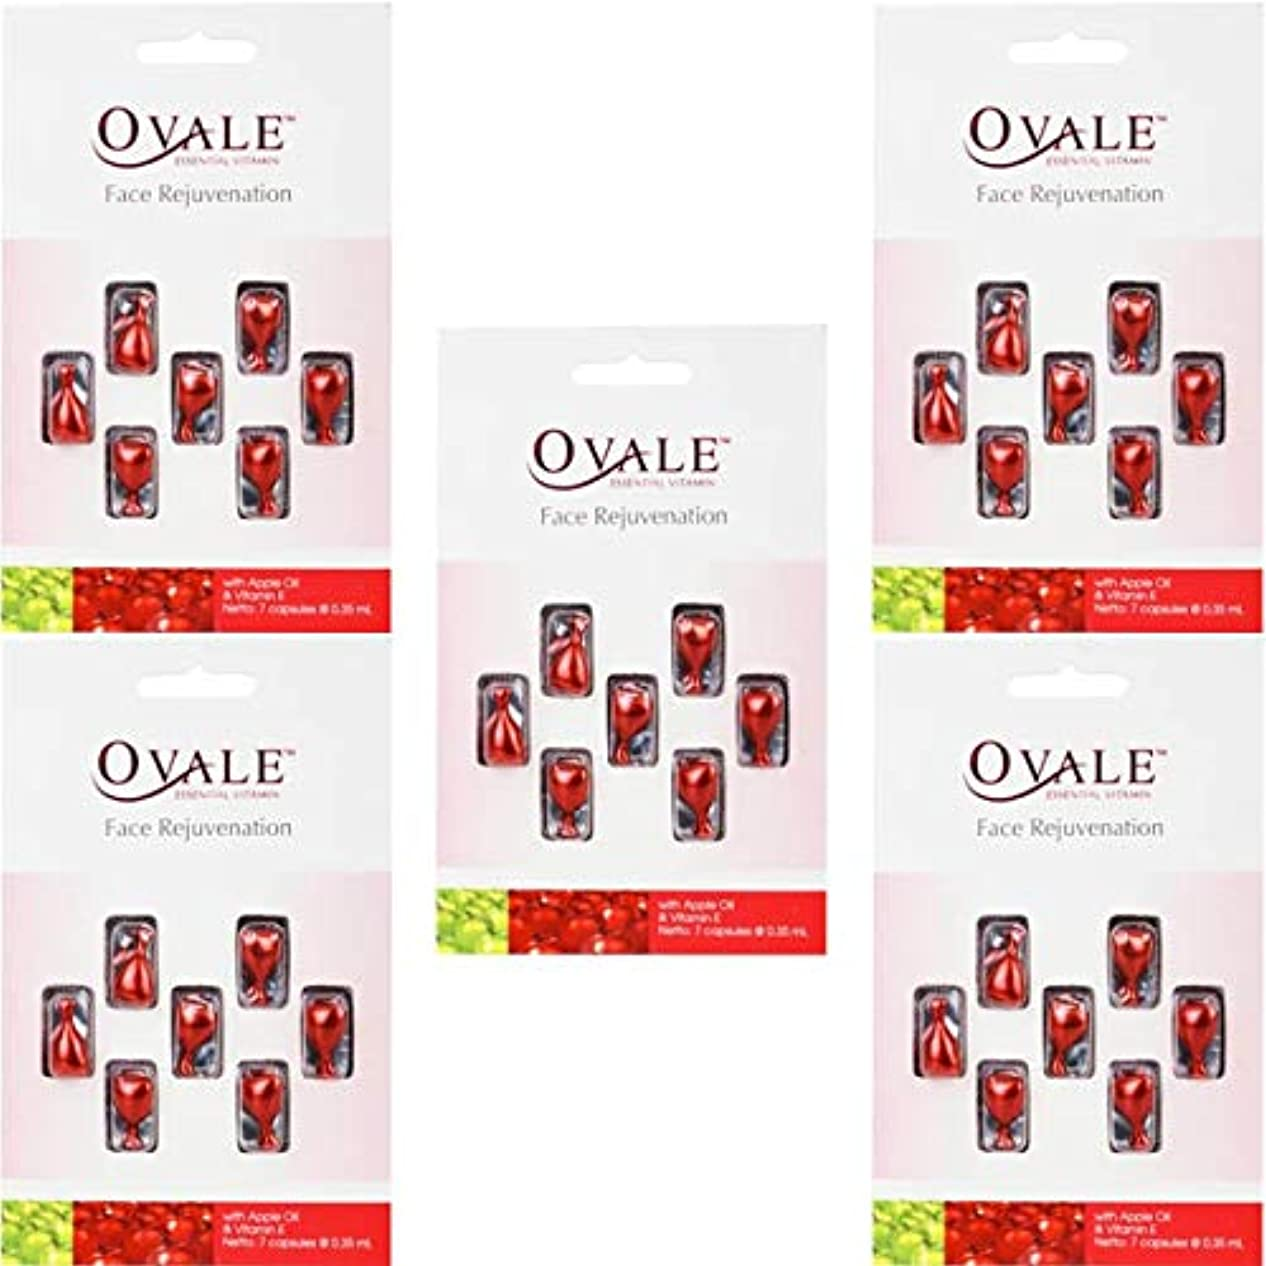 貪欲無効無効Ovale オーバル フェイシャル美容液 essential vitamin エッセンシャルビタミン 7粒入シート×5枚セット アップル [海外直送品]